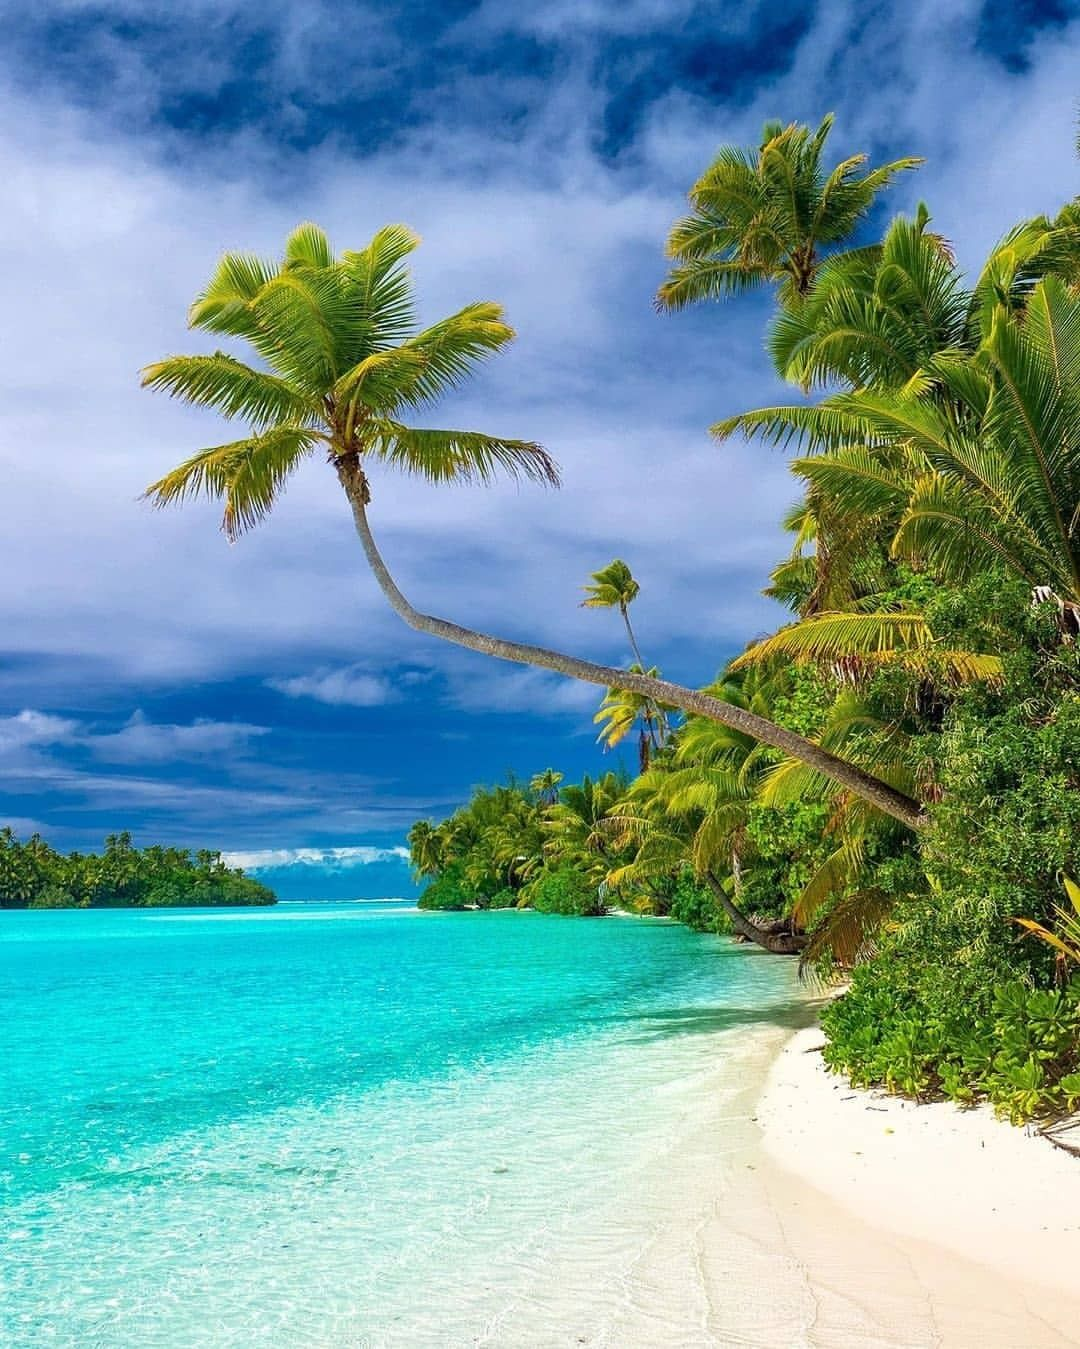 Cook Islands Rarotonga Beach: Aitutaki, Cook Islands, New Zealand